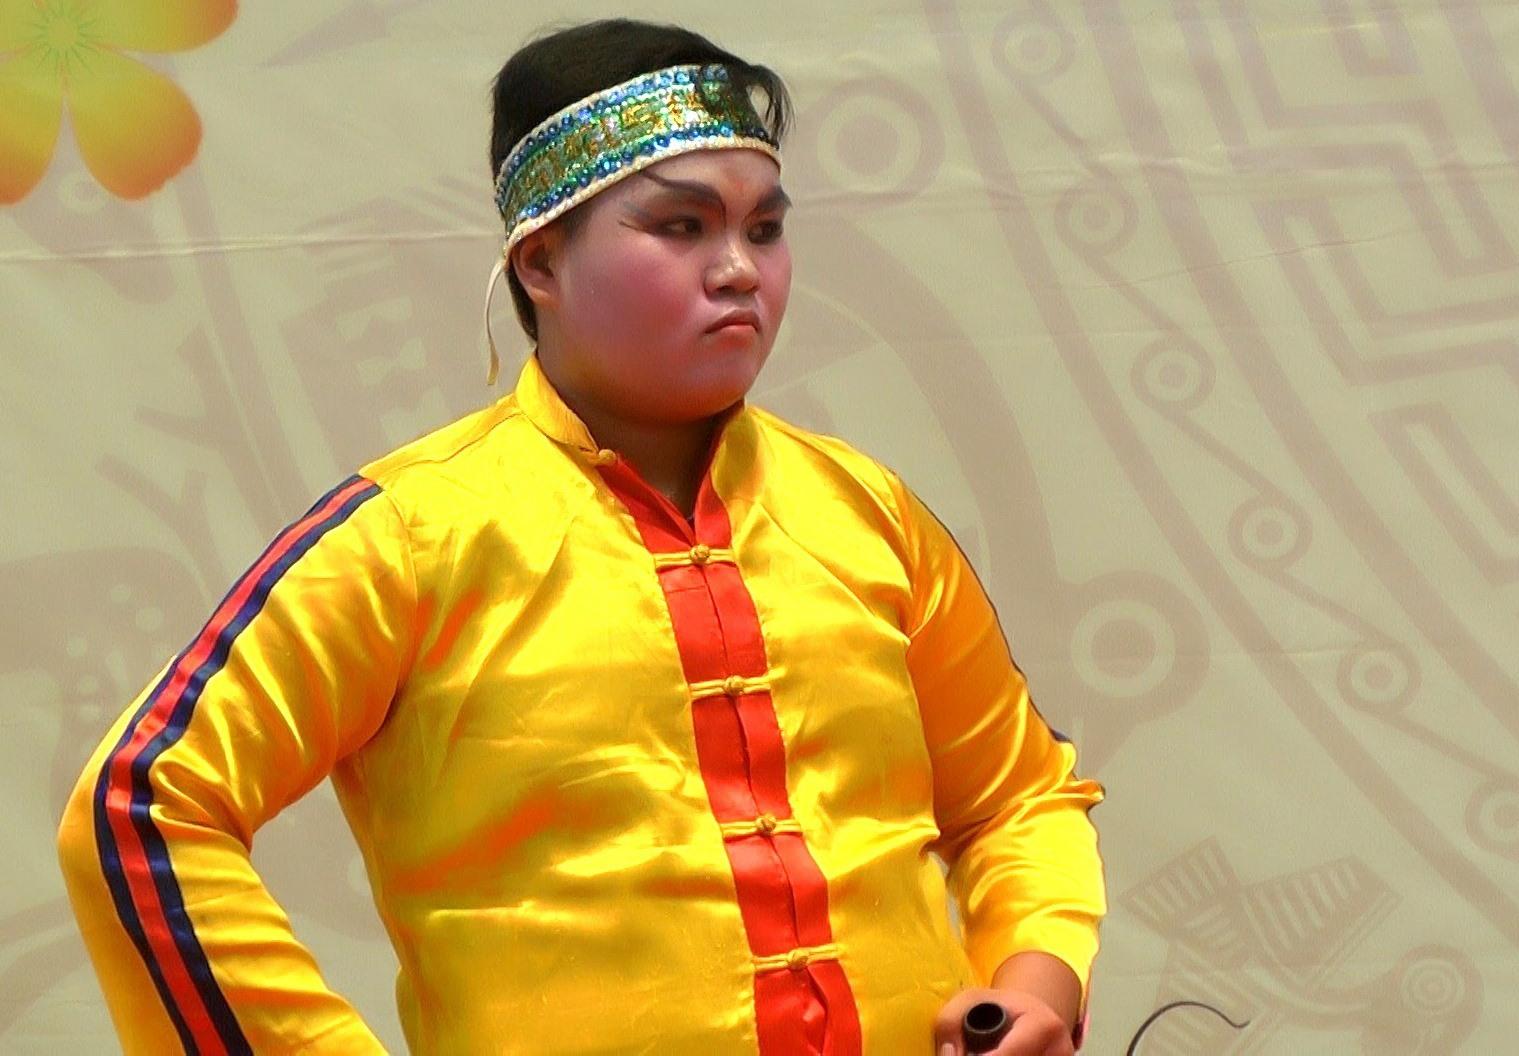 Từ nhỏ, Huỳnh Tấn Khánh (Duy Phước, Duy Xuyên) rất thích nghệ thuật hát tuồng. Ảnh: T.P